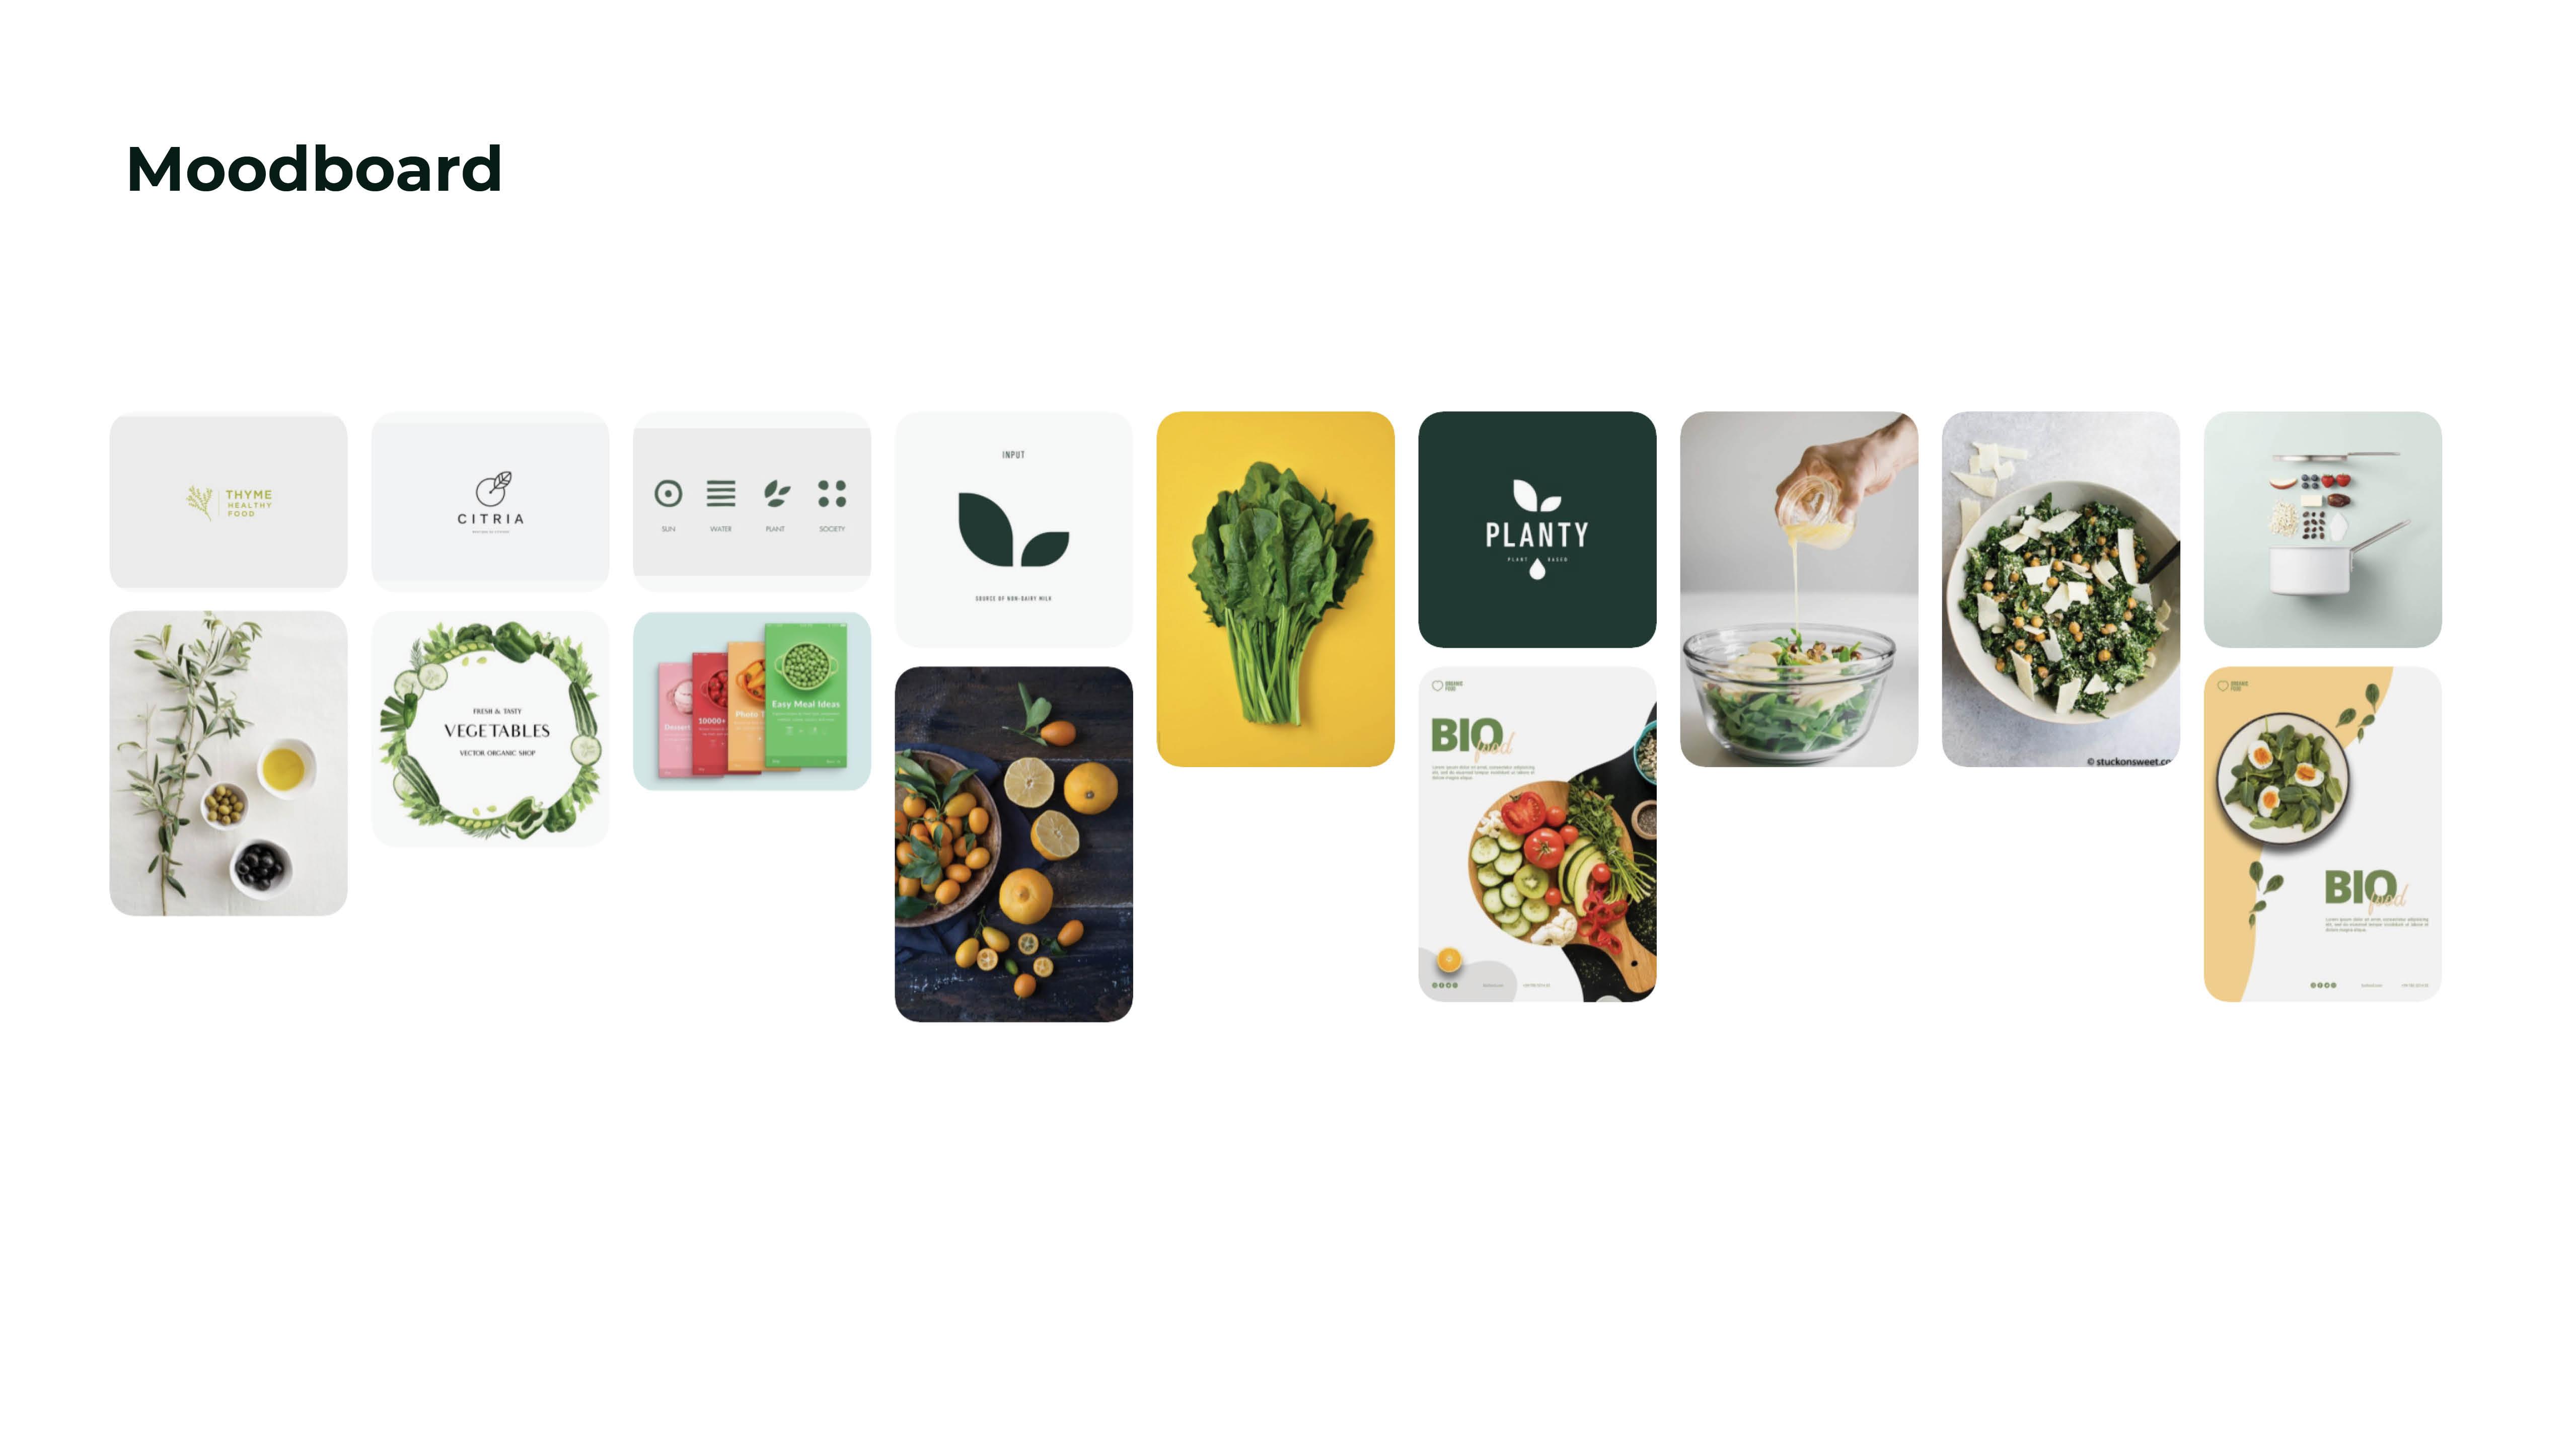 Salad bar mood board